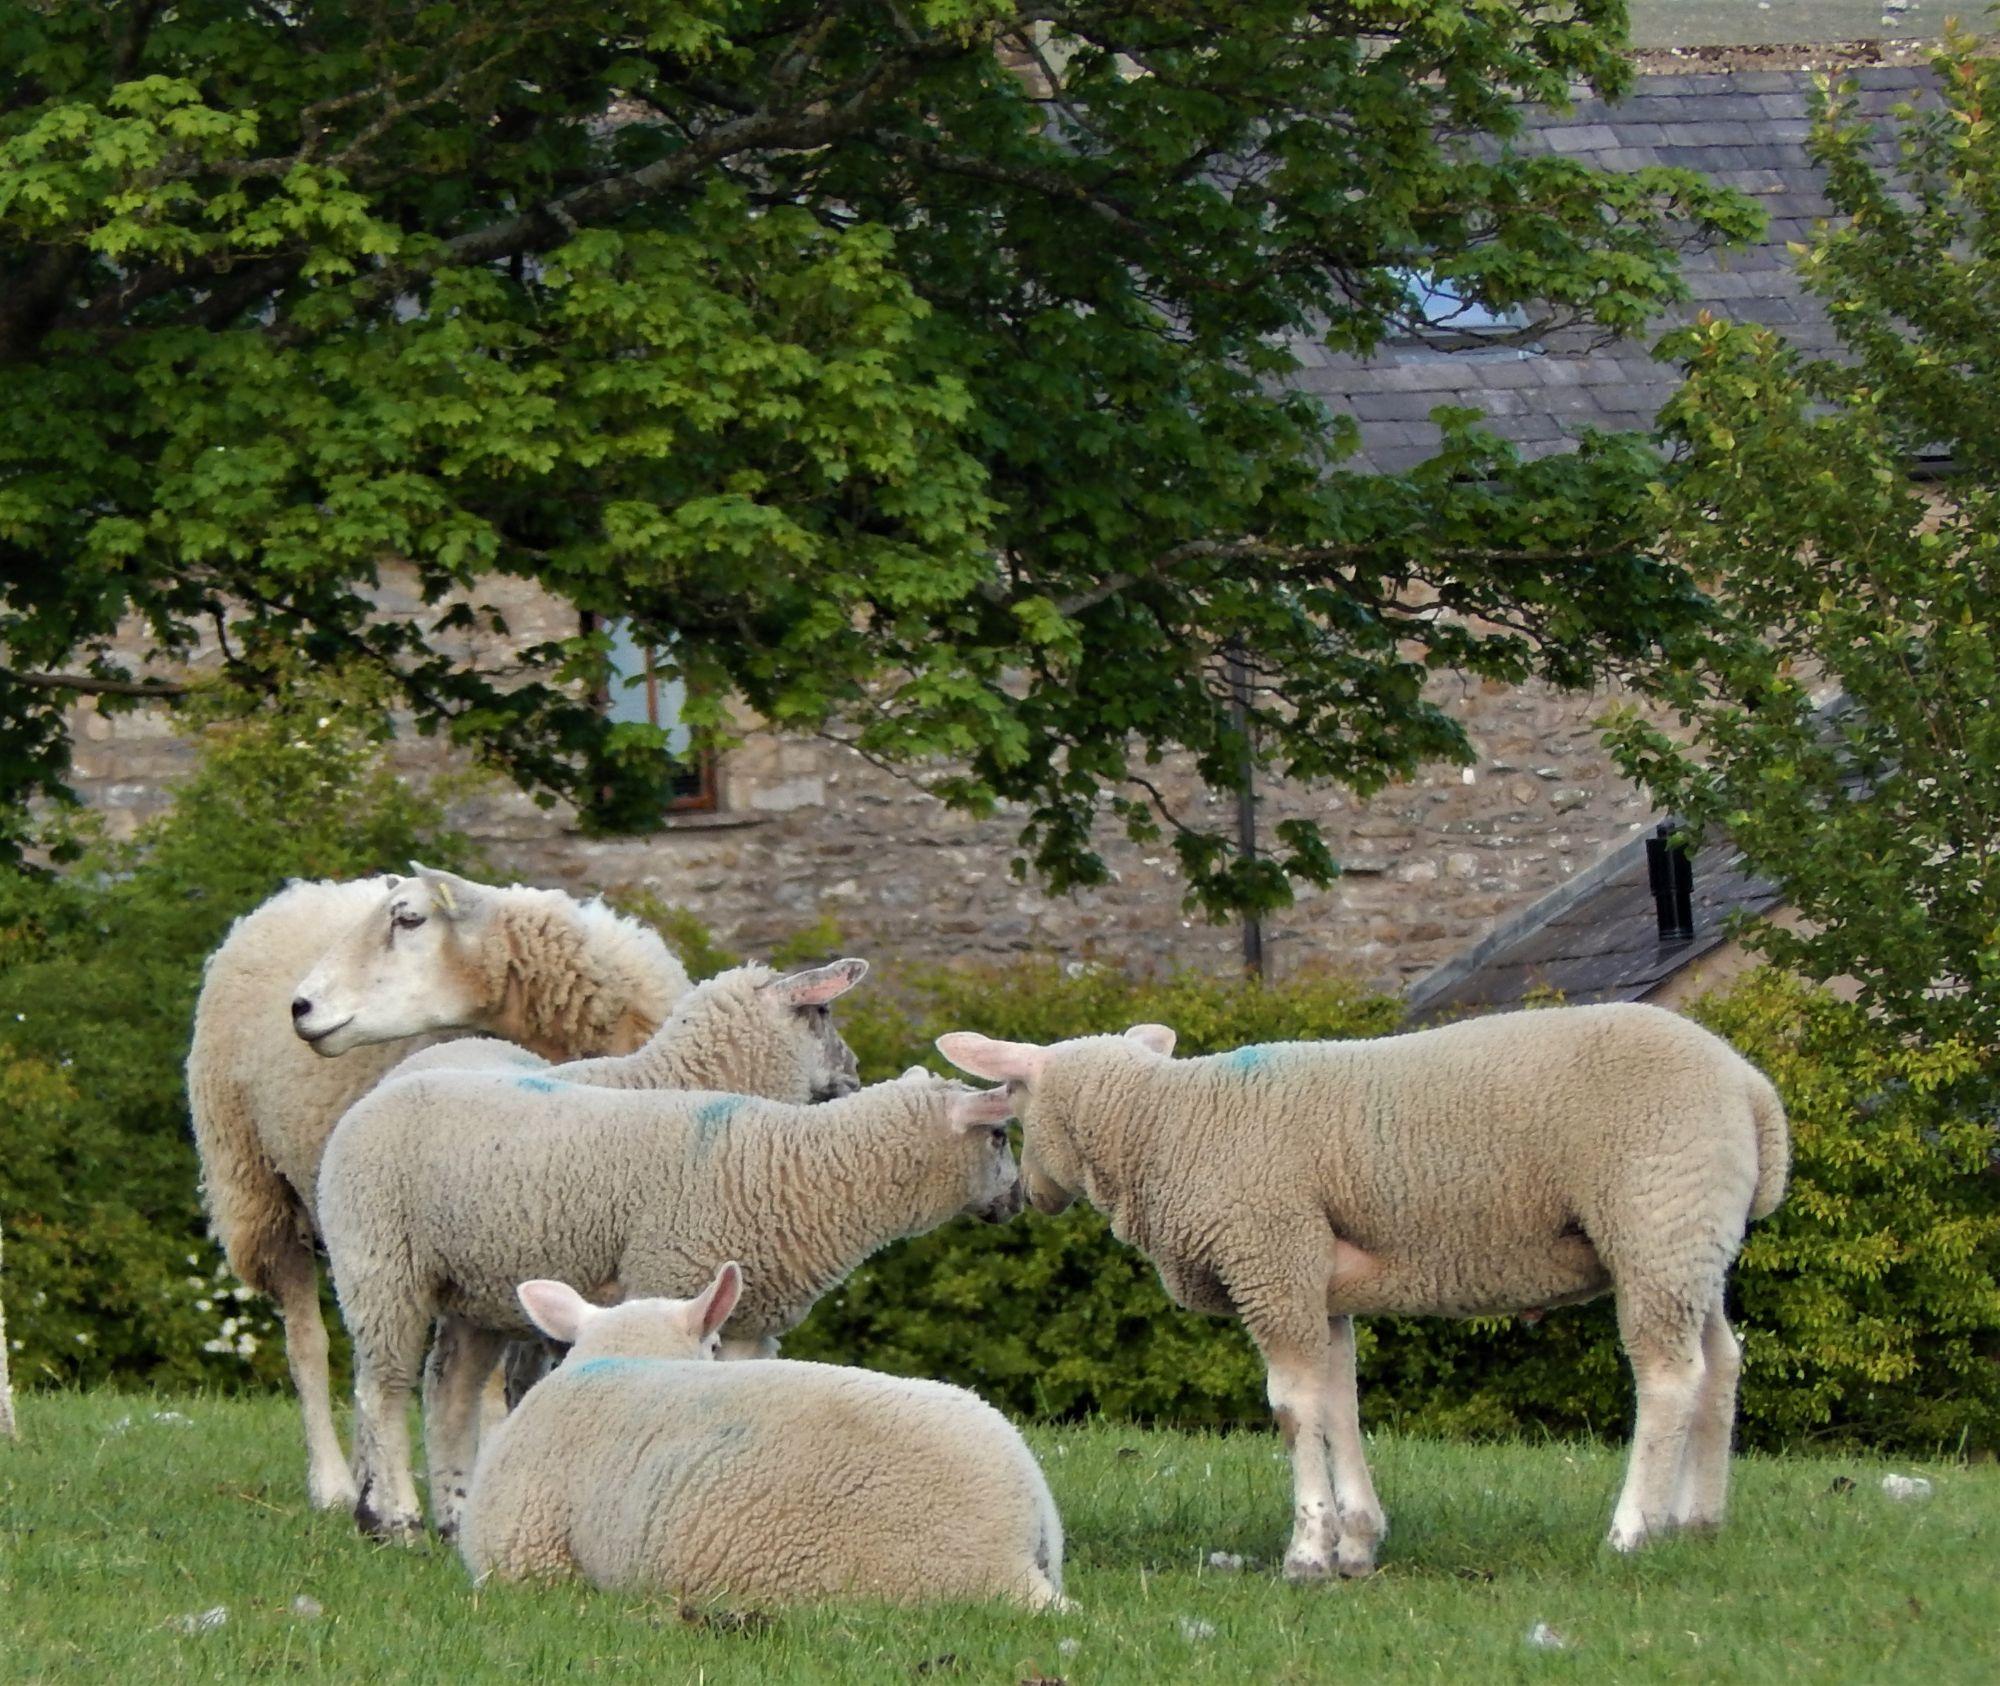 Charollais Beltex lambs at Thornbrook Barn